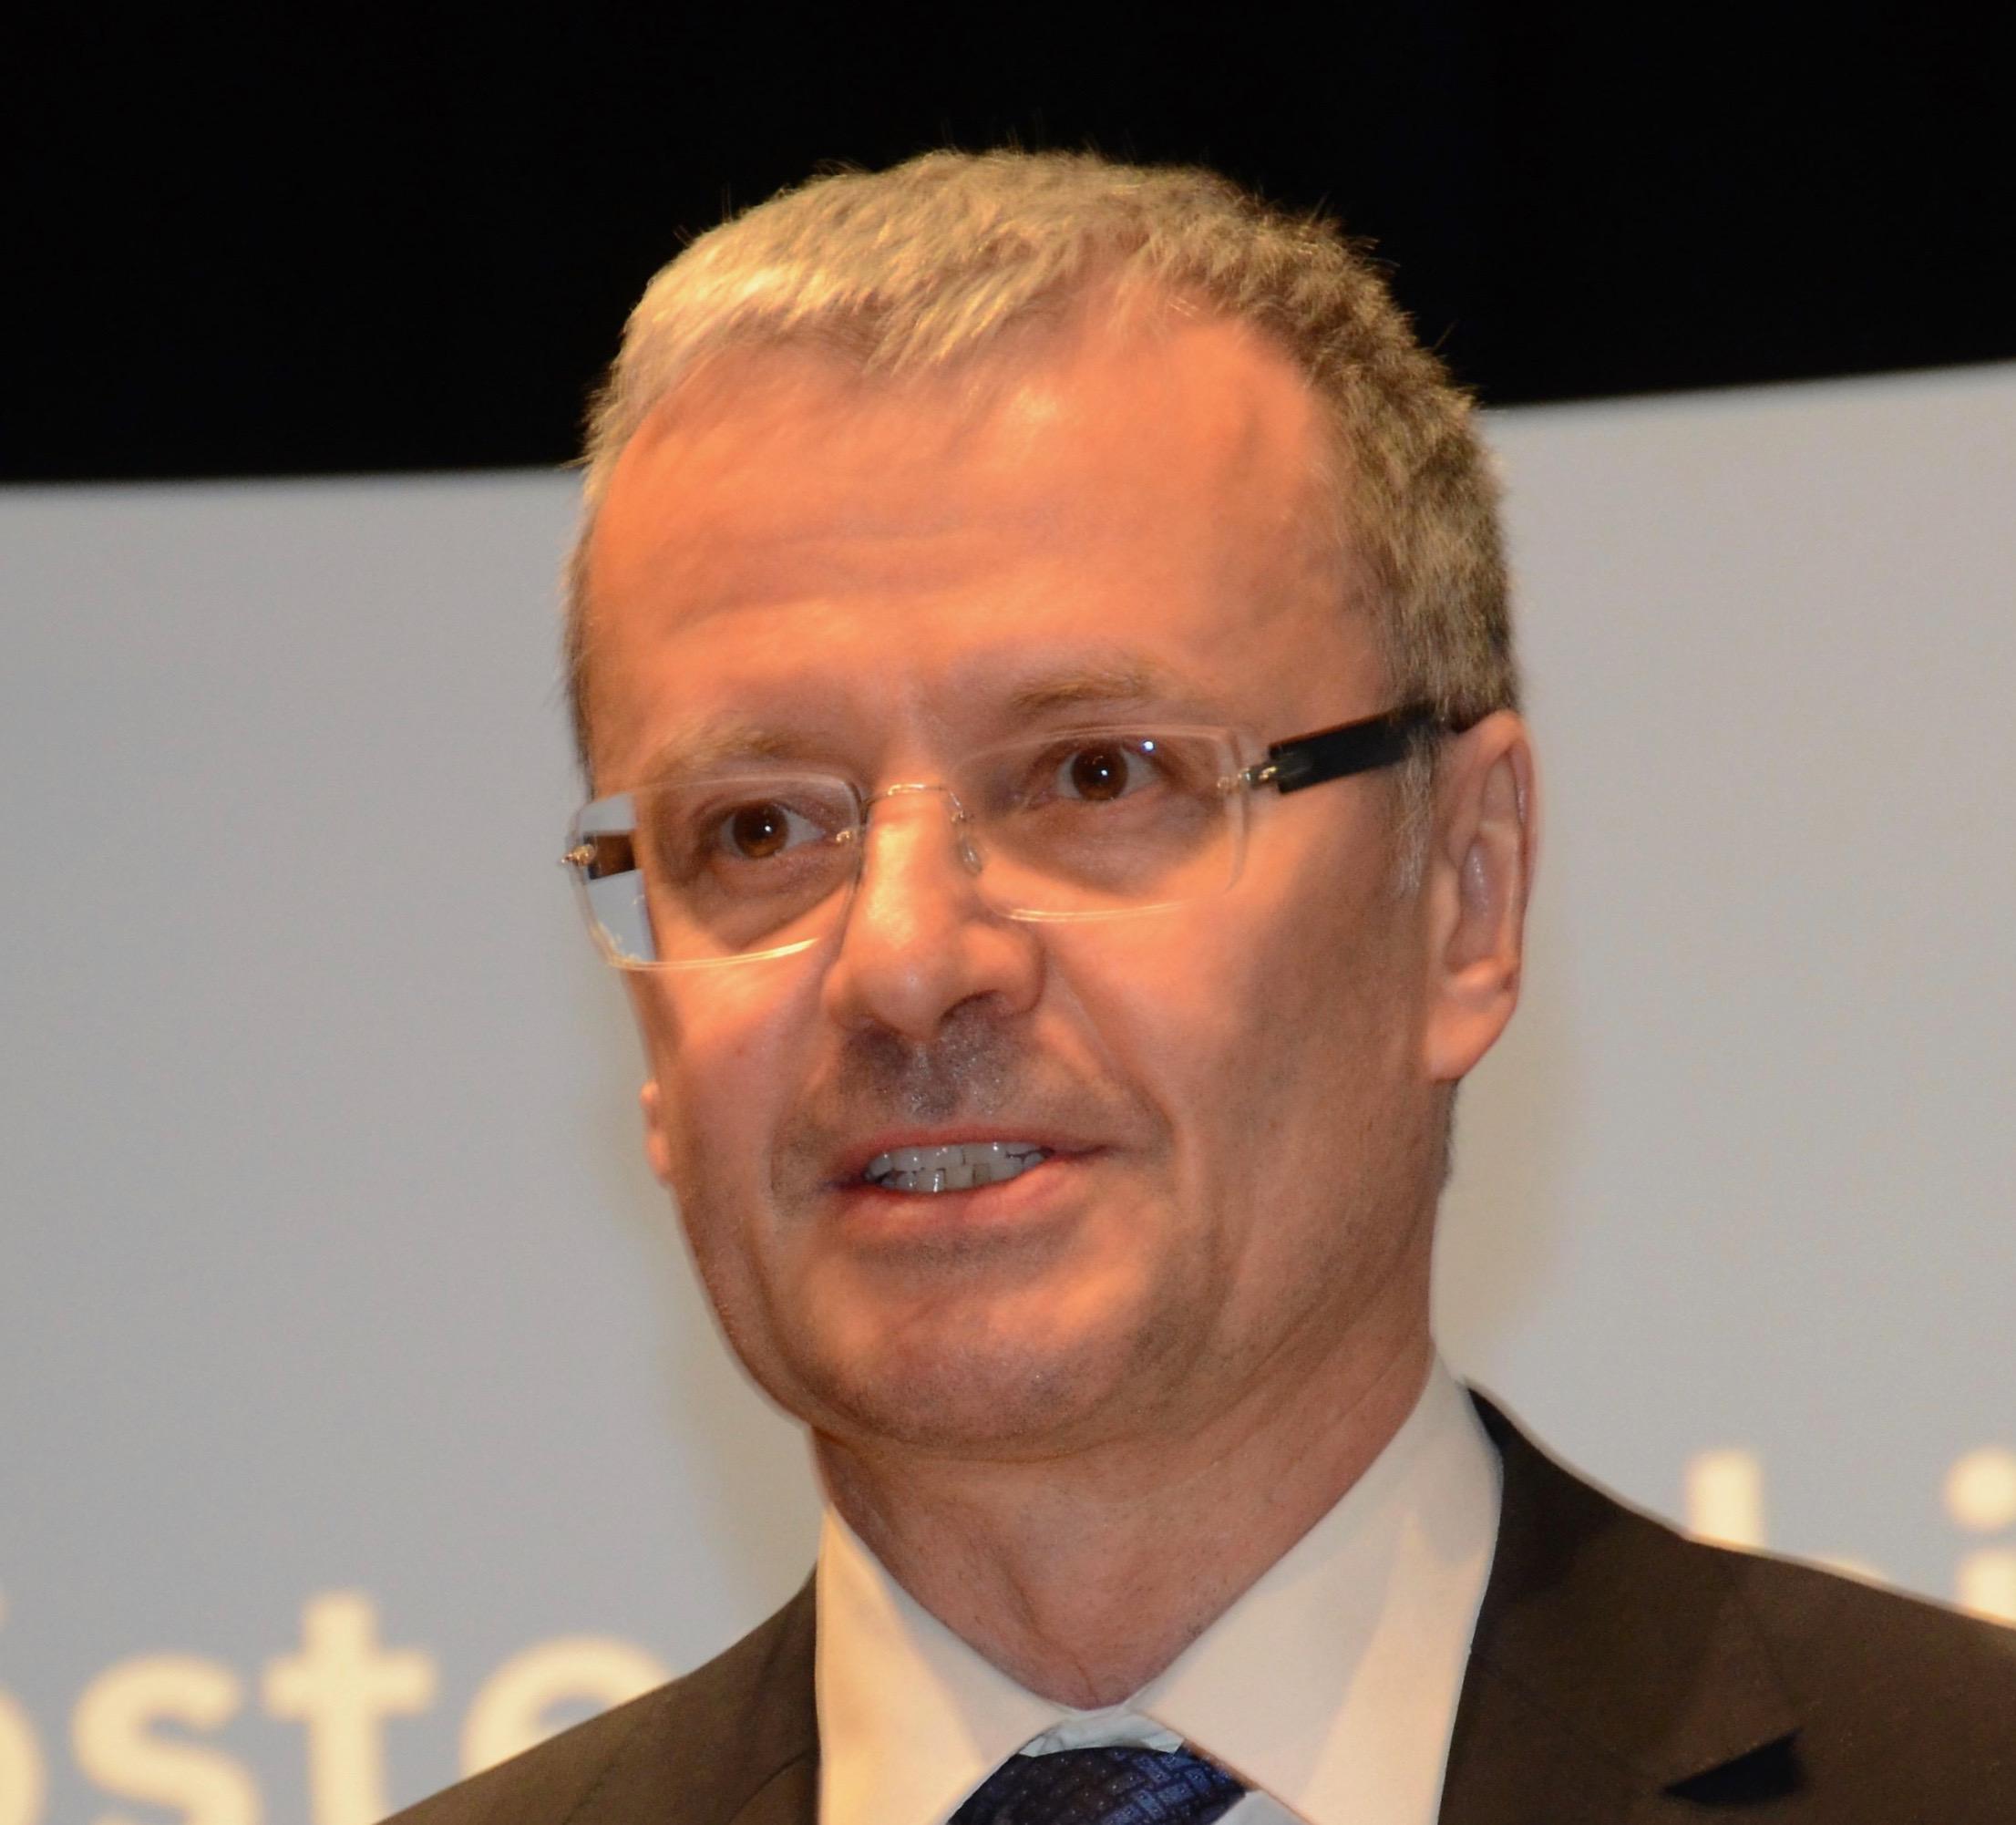 Klaus Jennewein